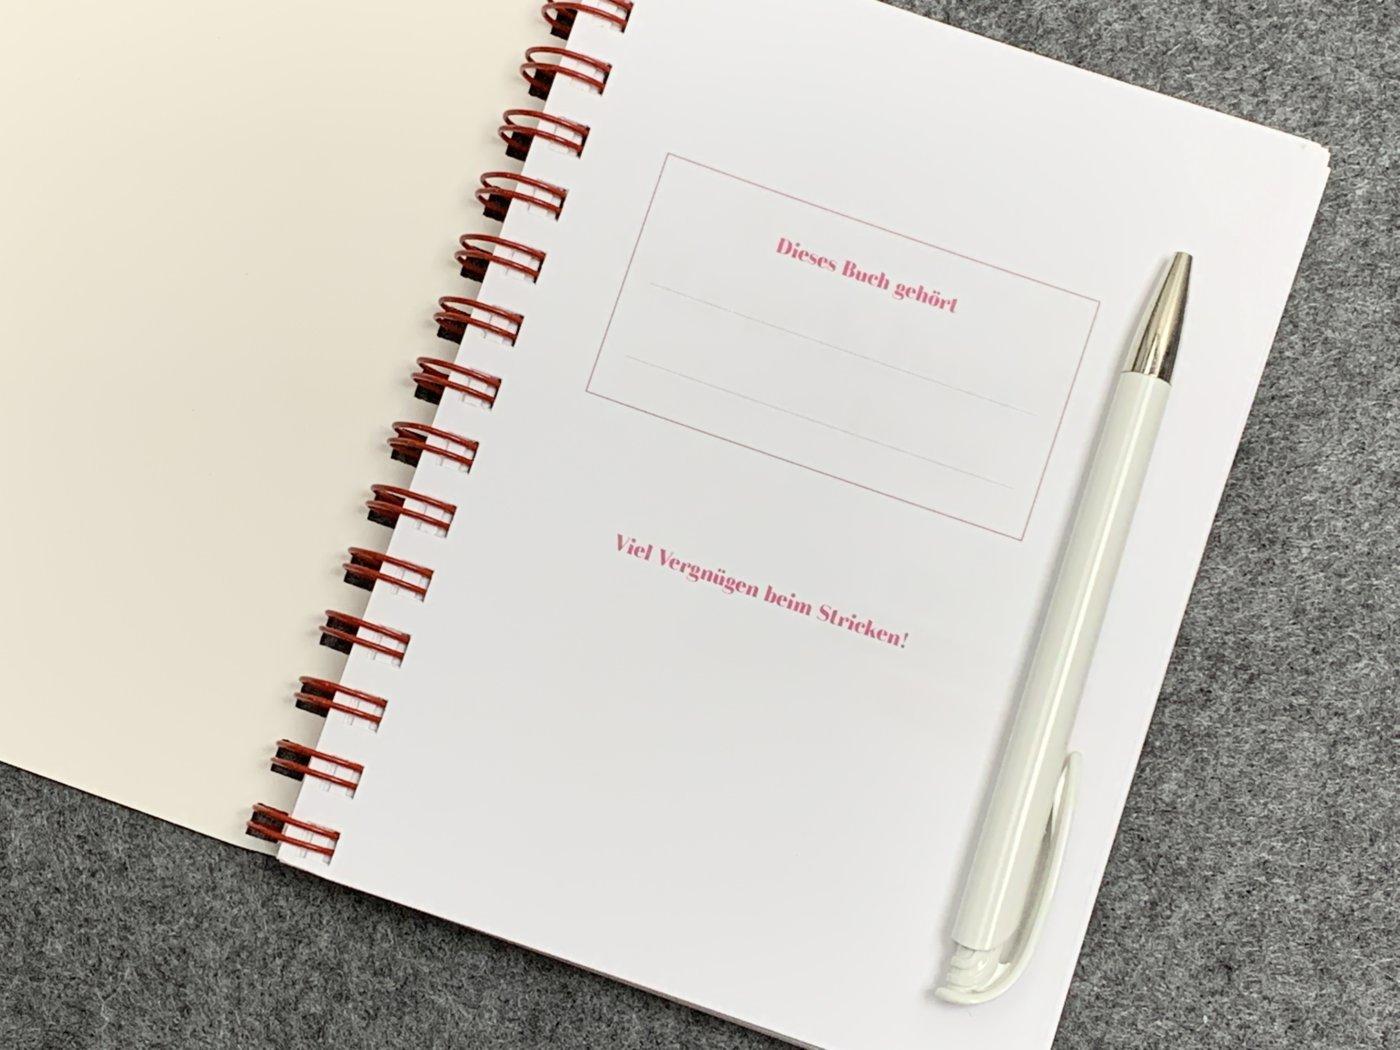 Durch die Spiralbindung bleiben die Seiten im Buch bleiben offen auf dem Tisch liegen. Gleich auf der ersten Innenseite kann man das Buch personalisieren.